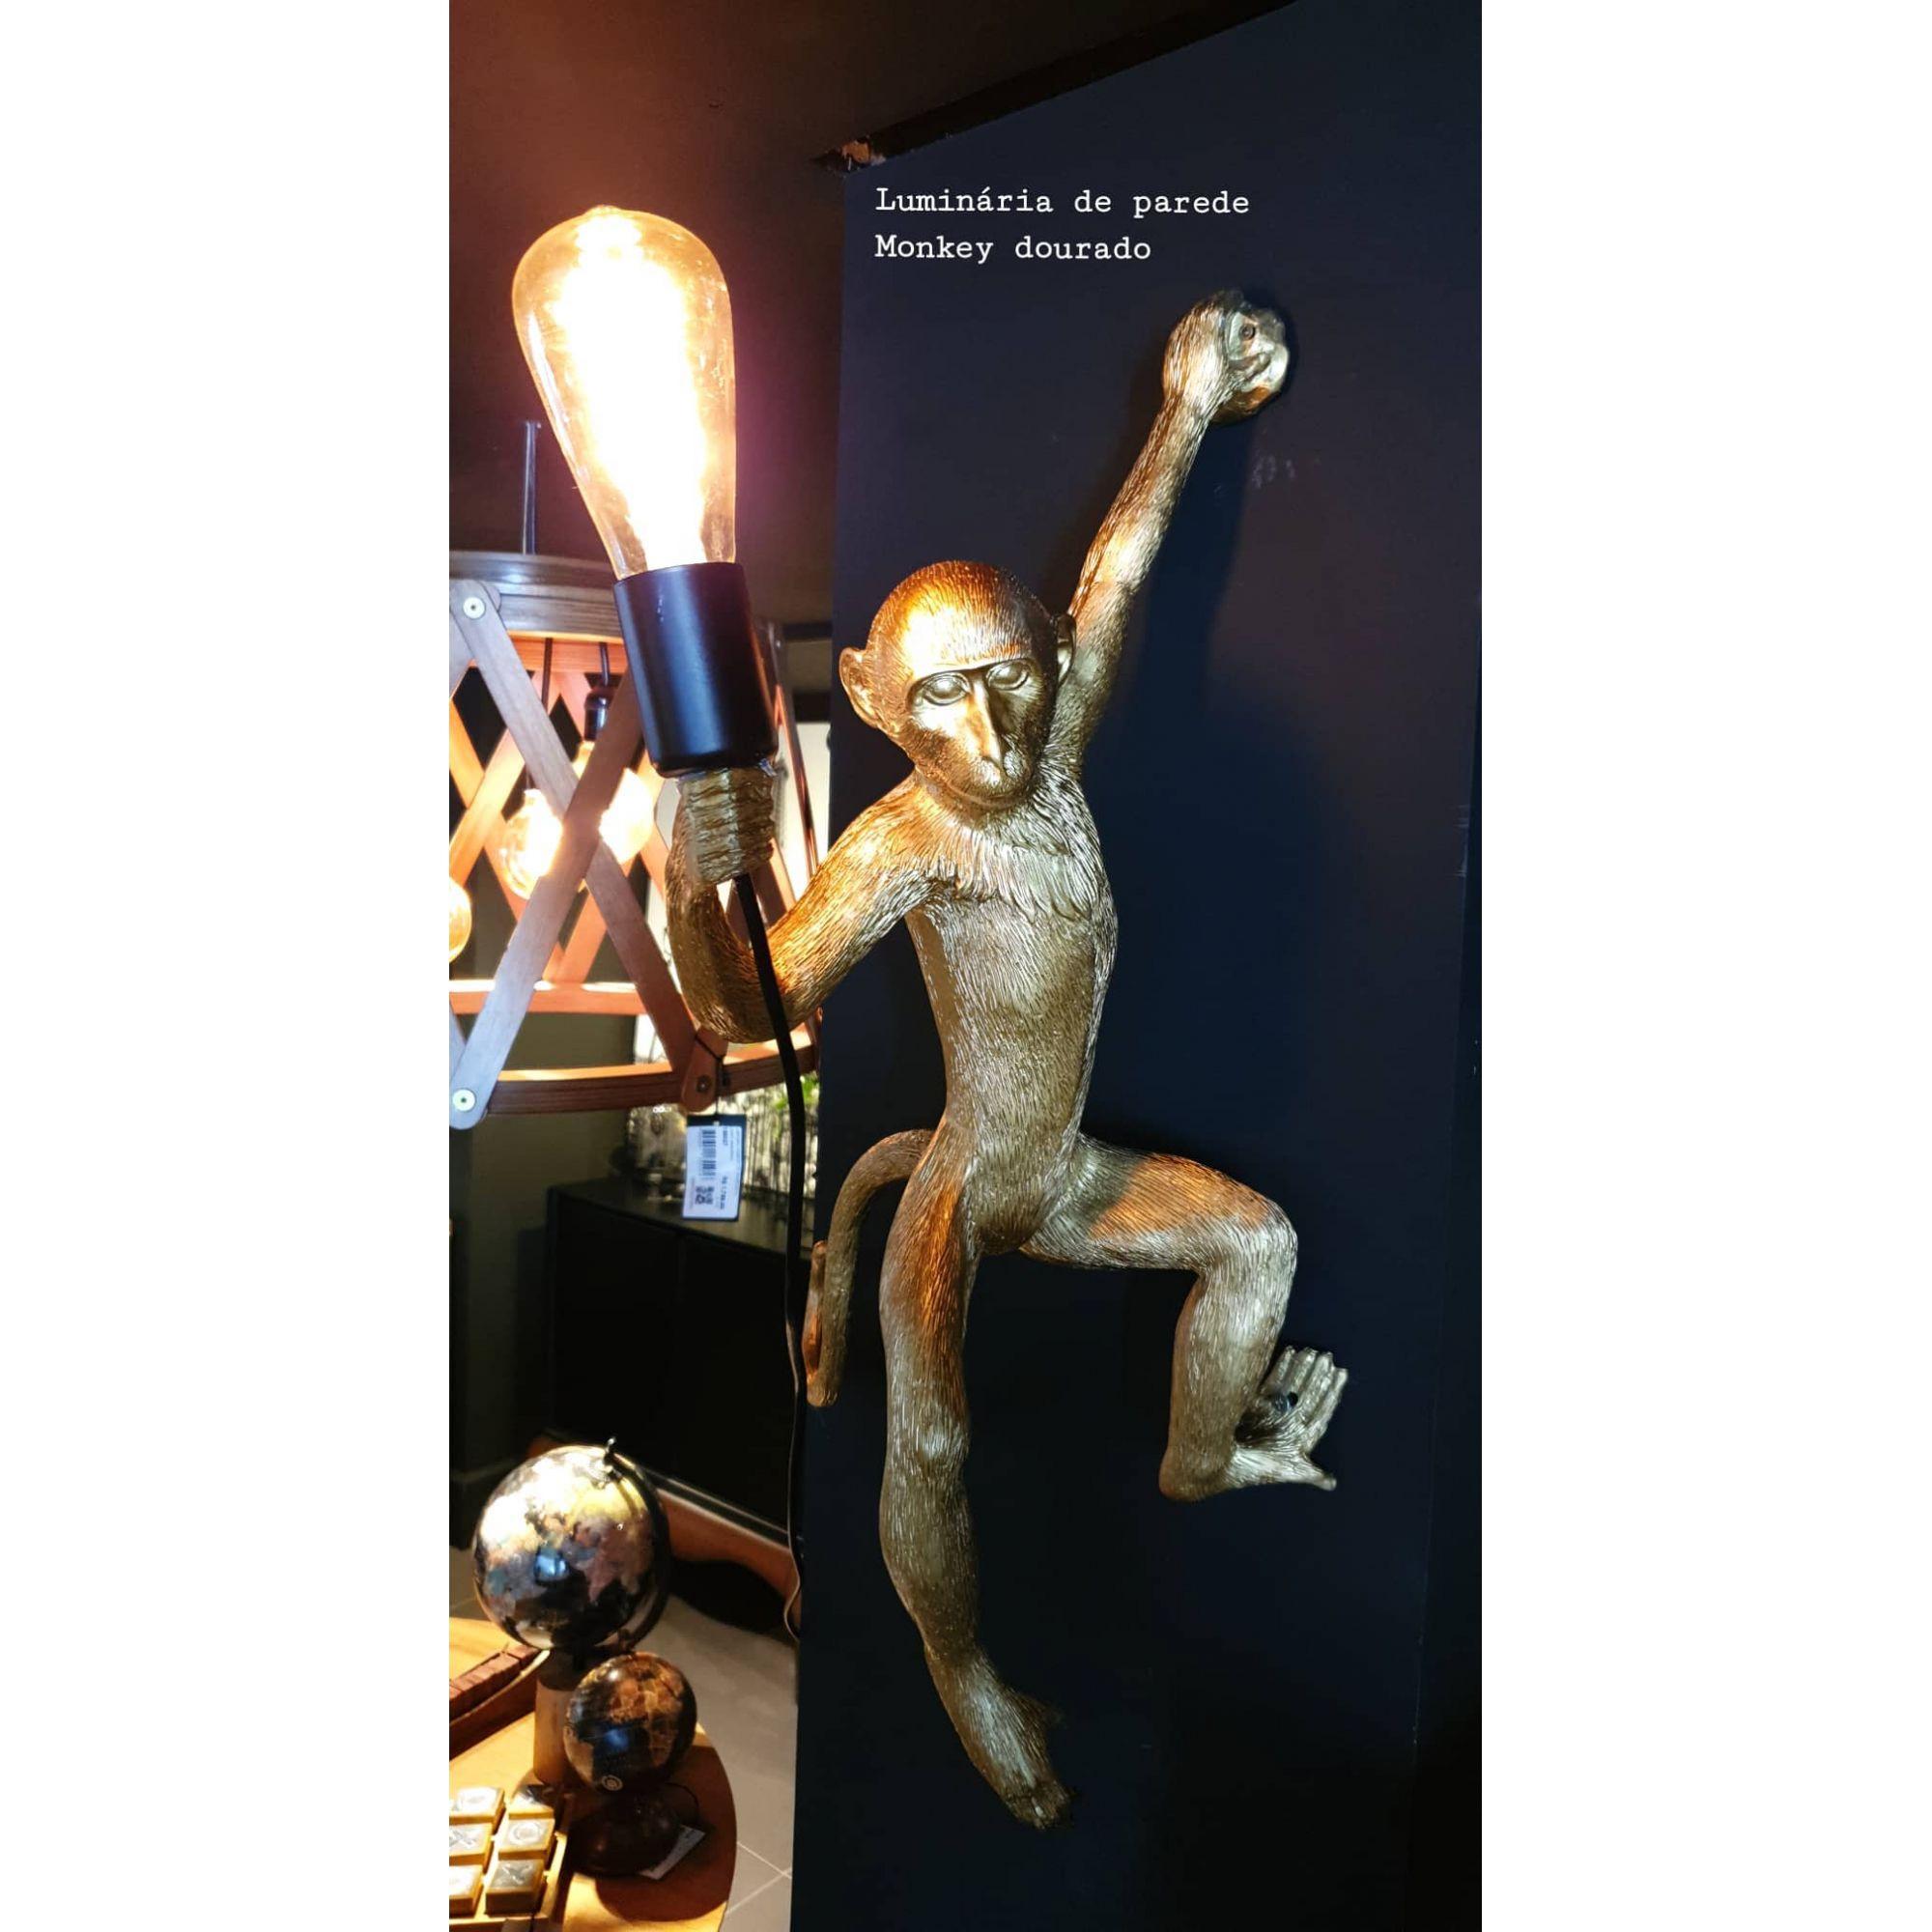 Luminária de Parede Monkey Dourada  -  Arrivo Mobile